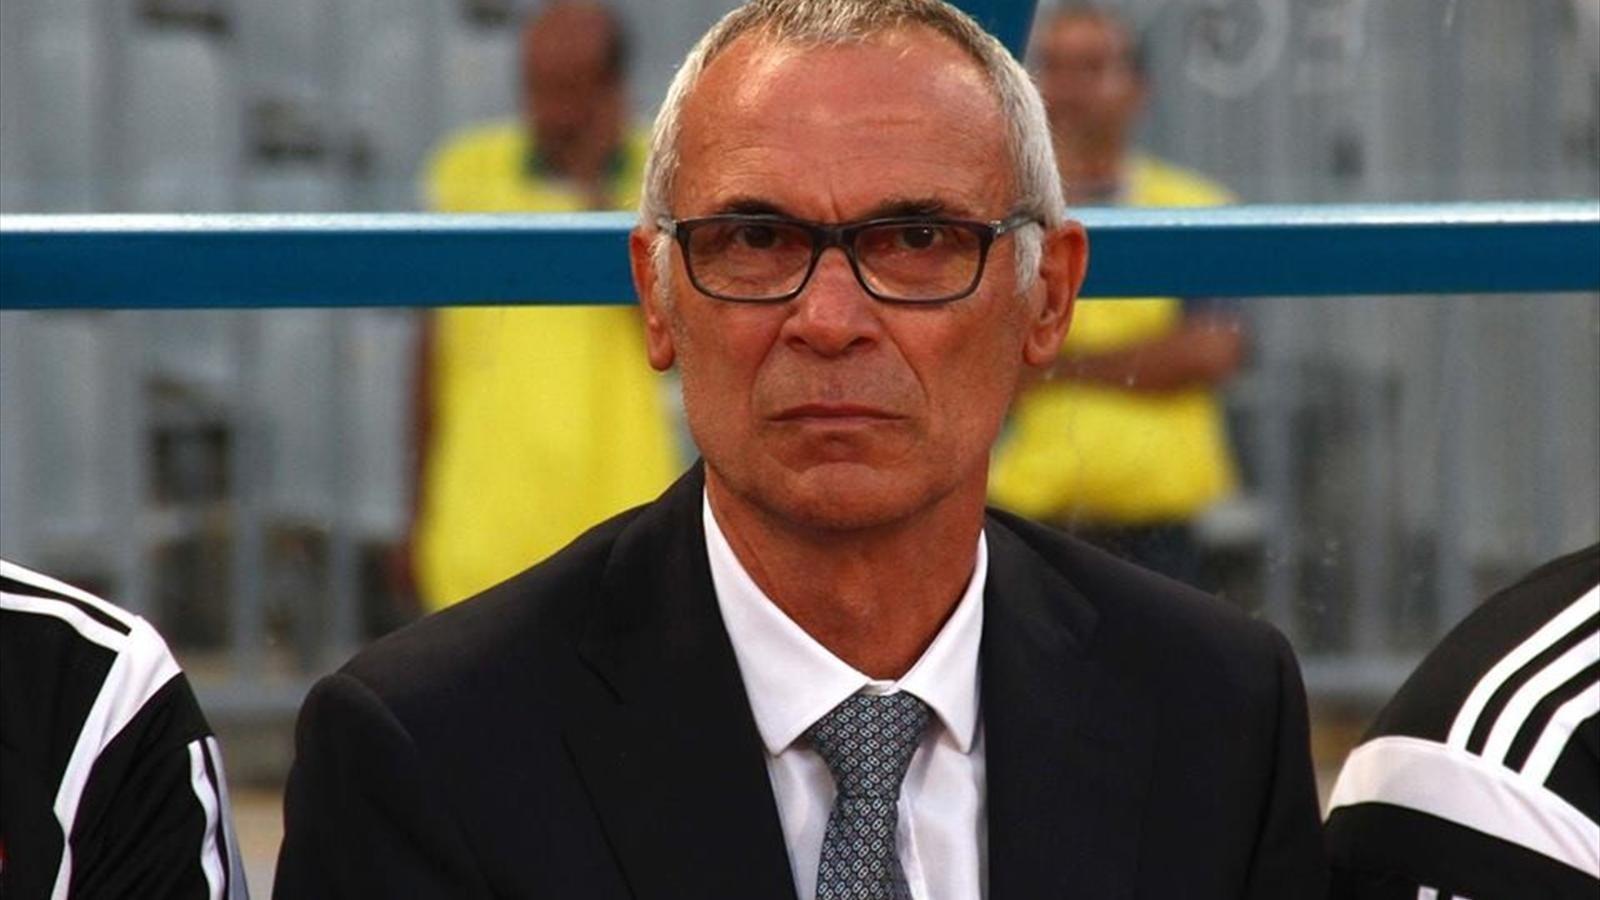 http://shbabbek.com/upload/انتقادات بالجملة لكوبر بسبب قائمة الفراعنة في كأس العالم